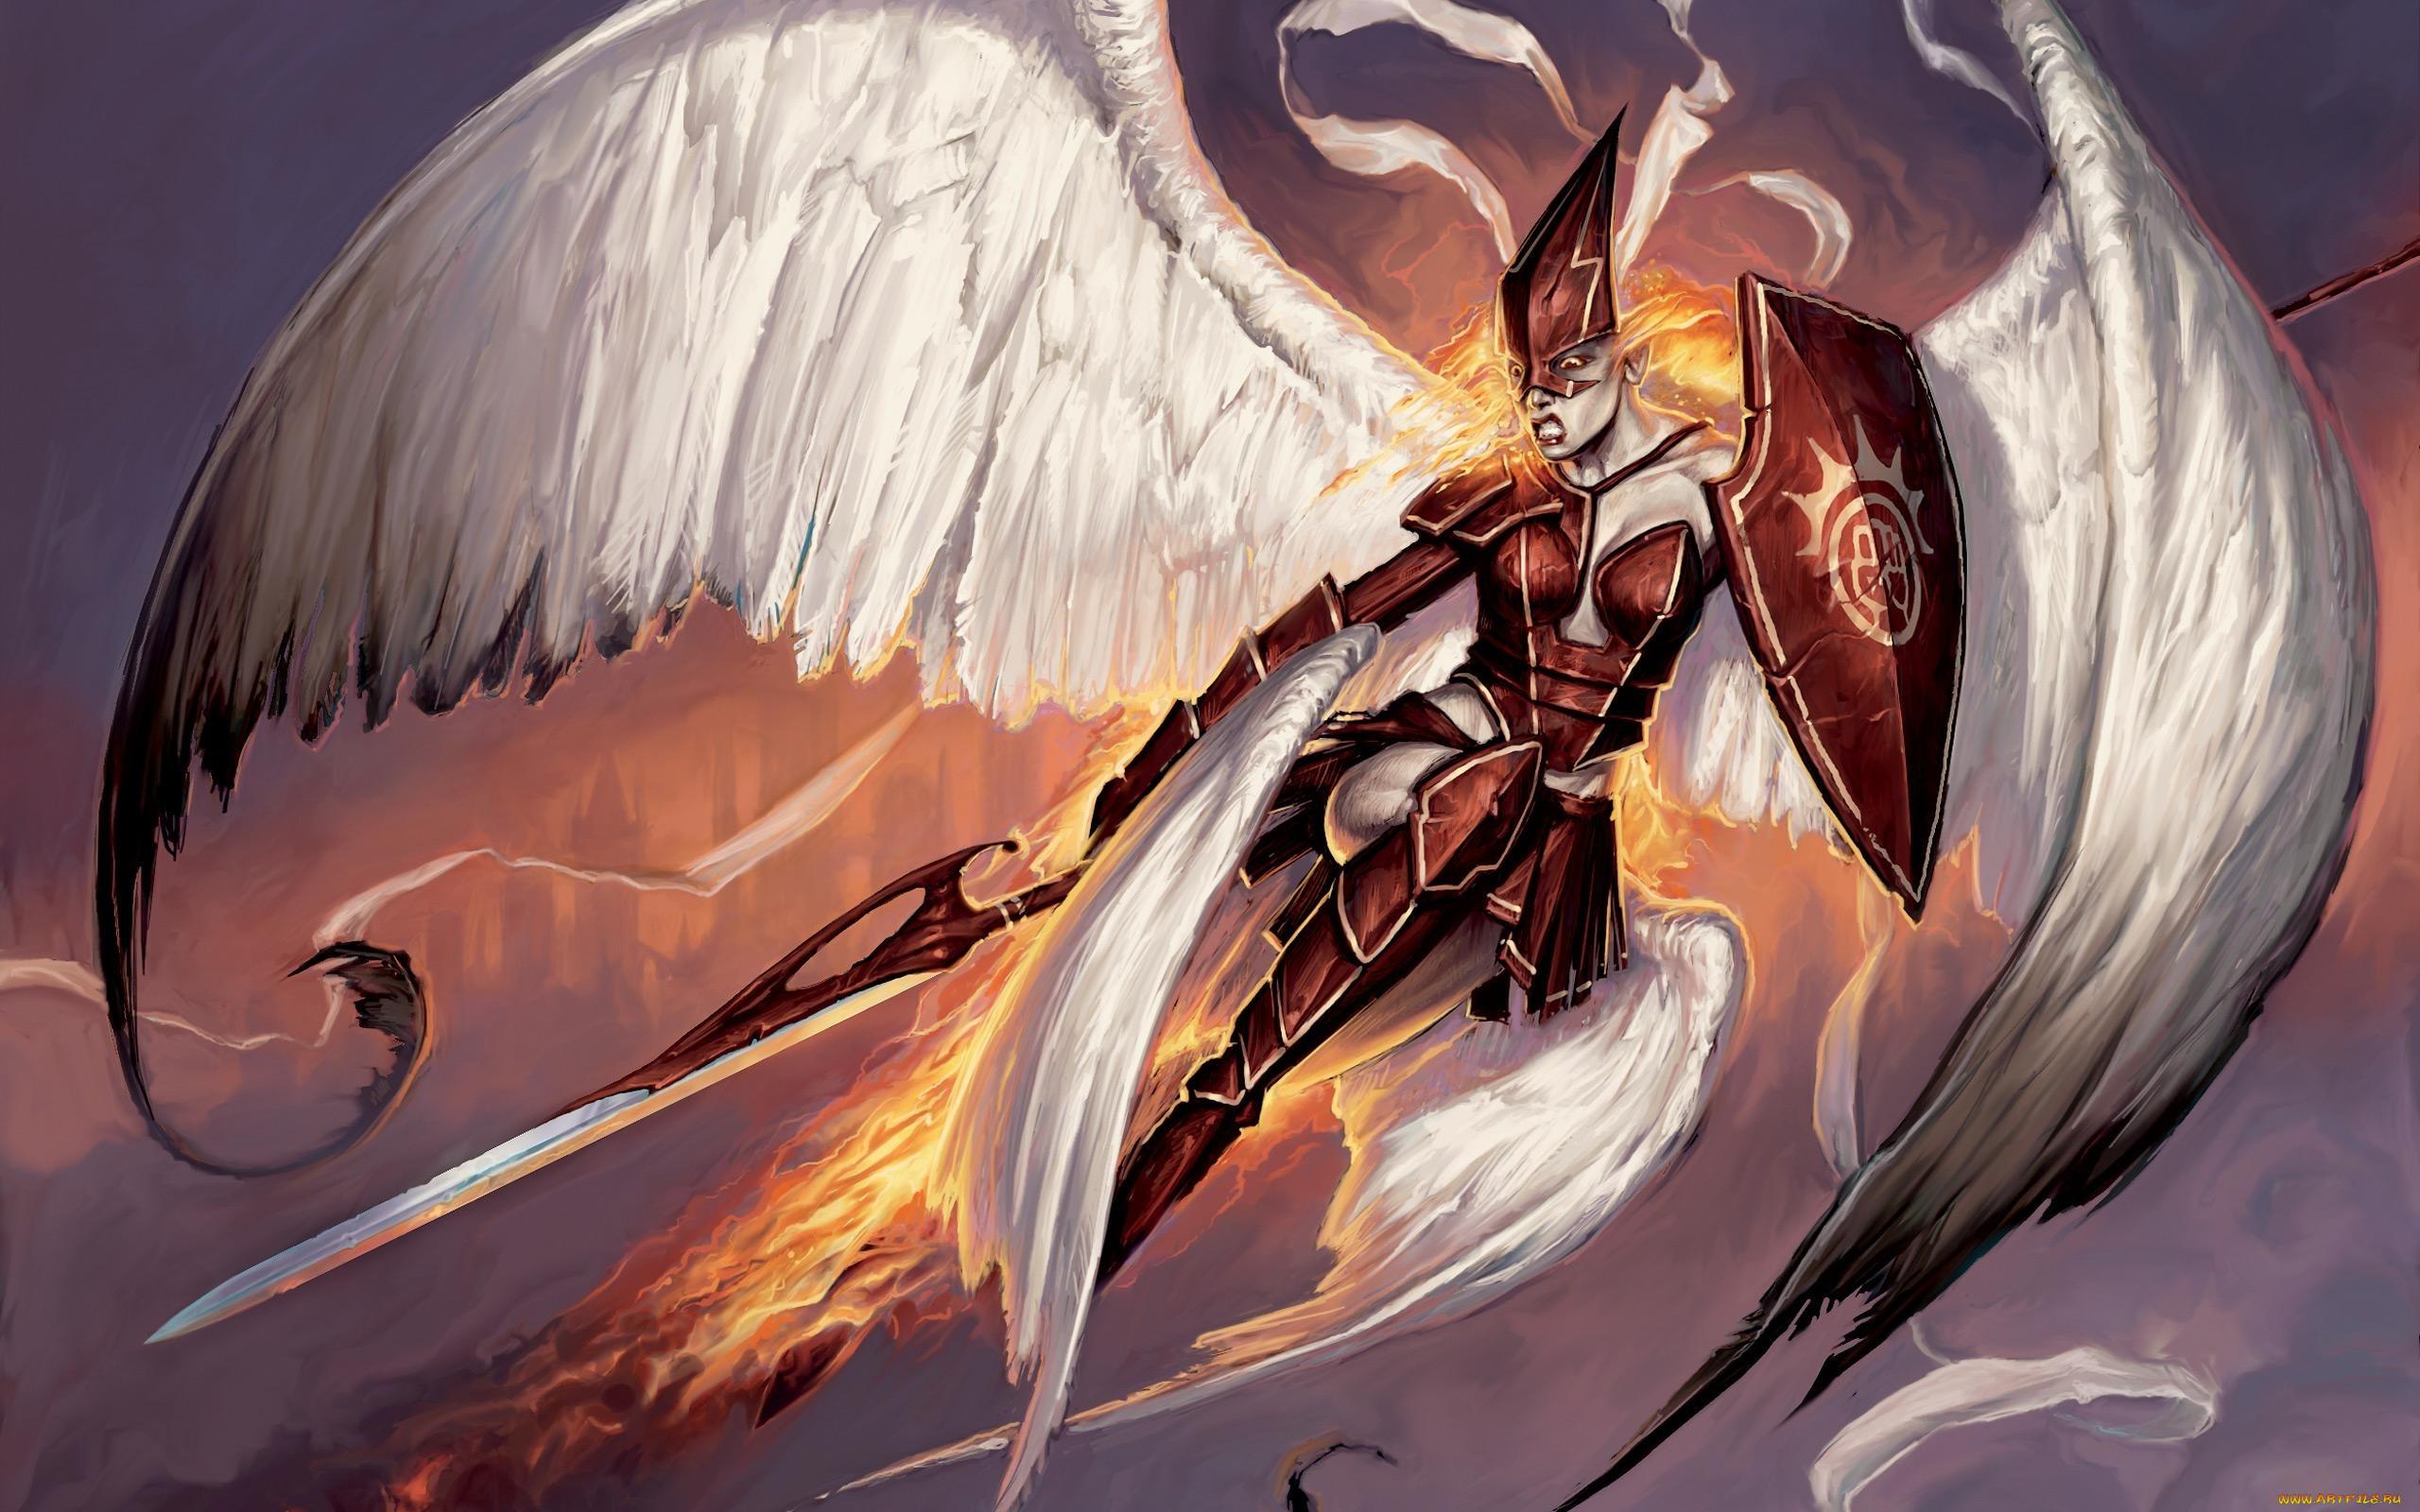 чудотворной картинки фэнтези щитов с мечами массажем